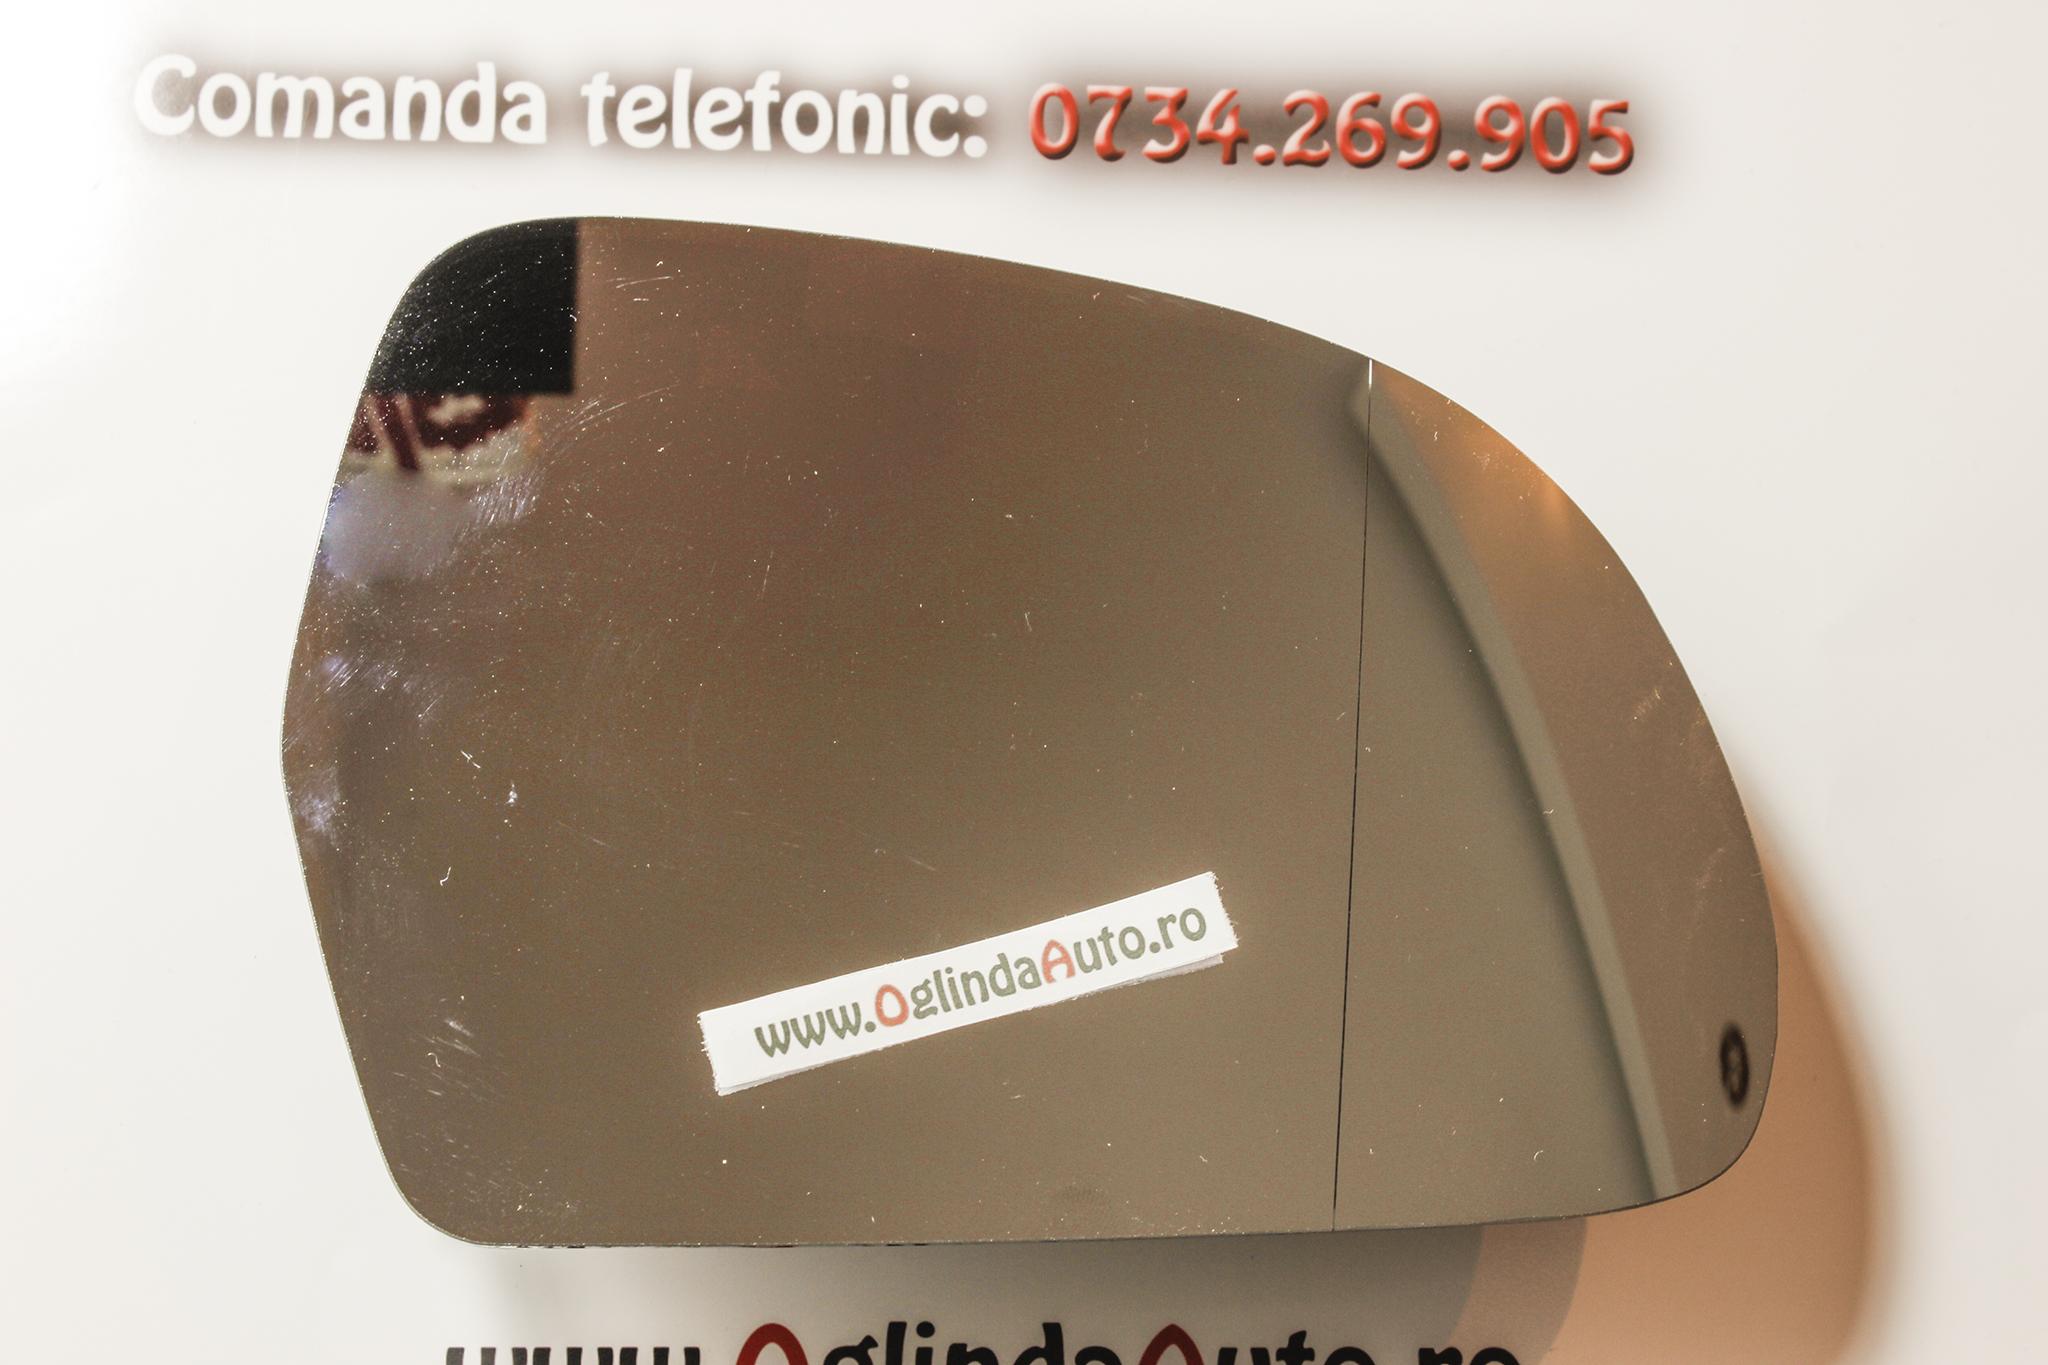 Sticla oglinda dreapta Skoda Octavia II Facelift an 2009-2013